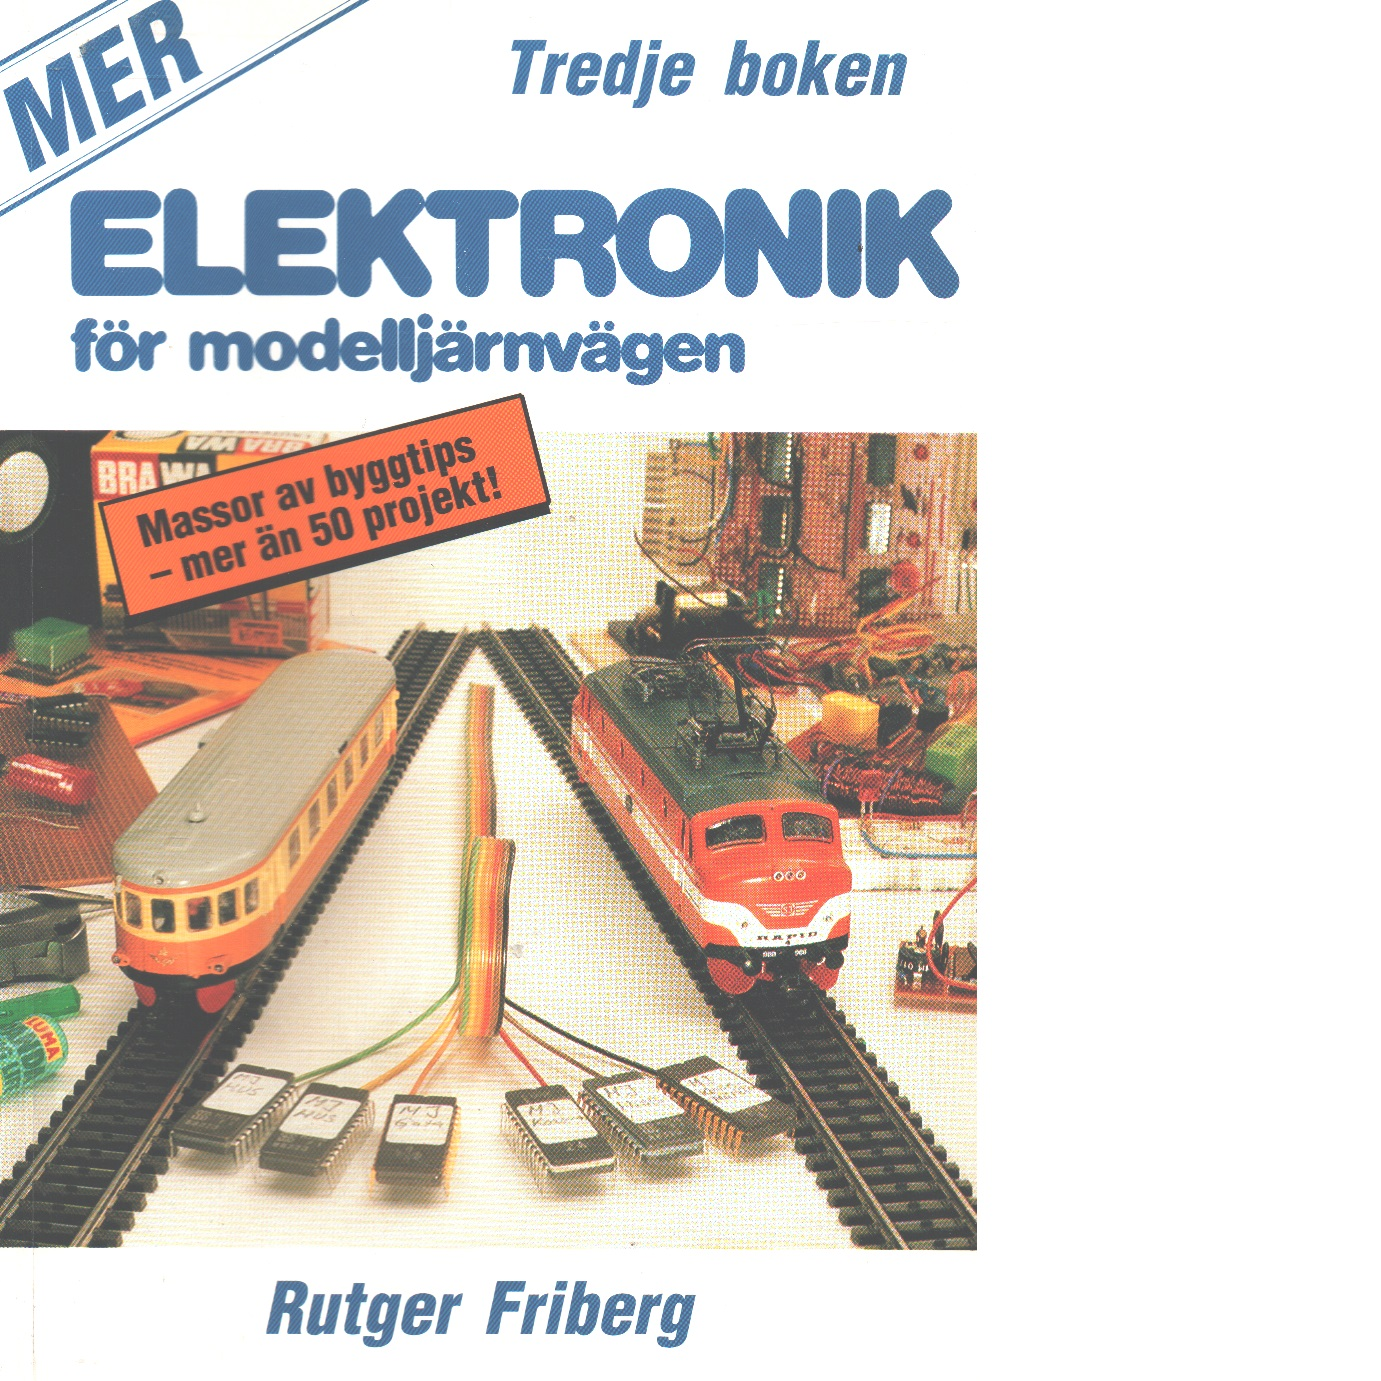 Elektronik för modelljärnvägen. Bok 3, [Massor av byggtips - mer än 50 projekt!] - Friberg, Rutger